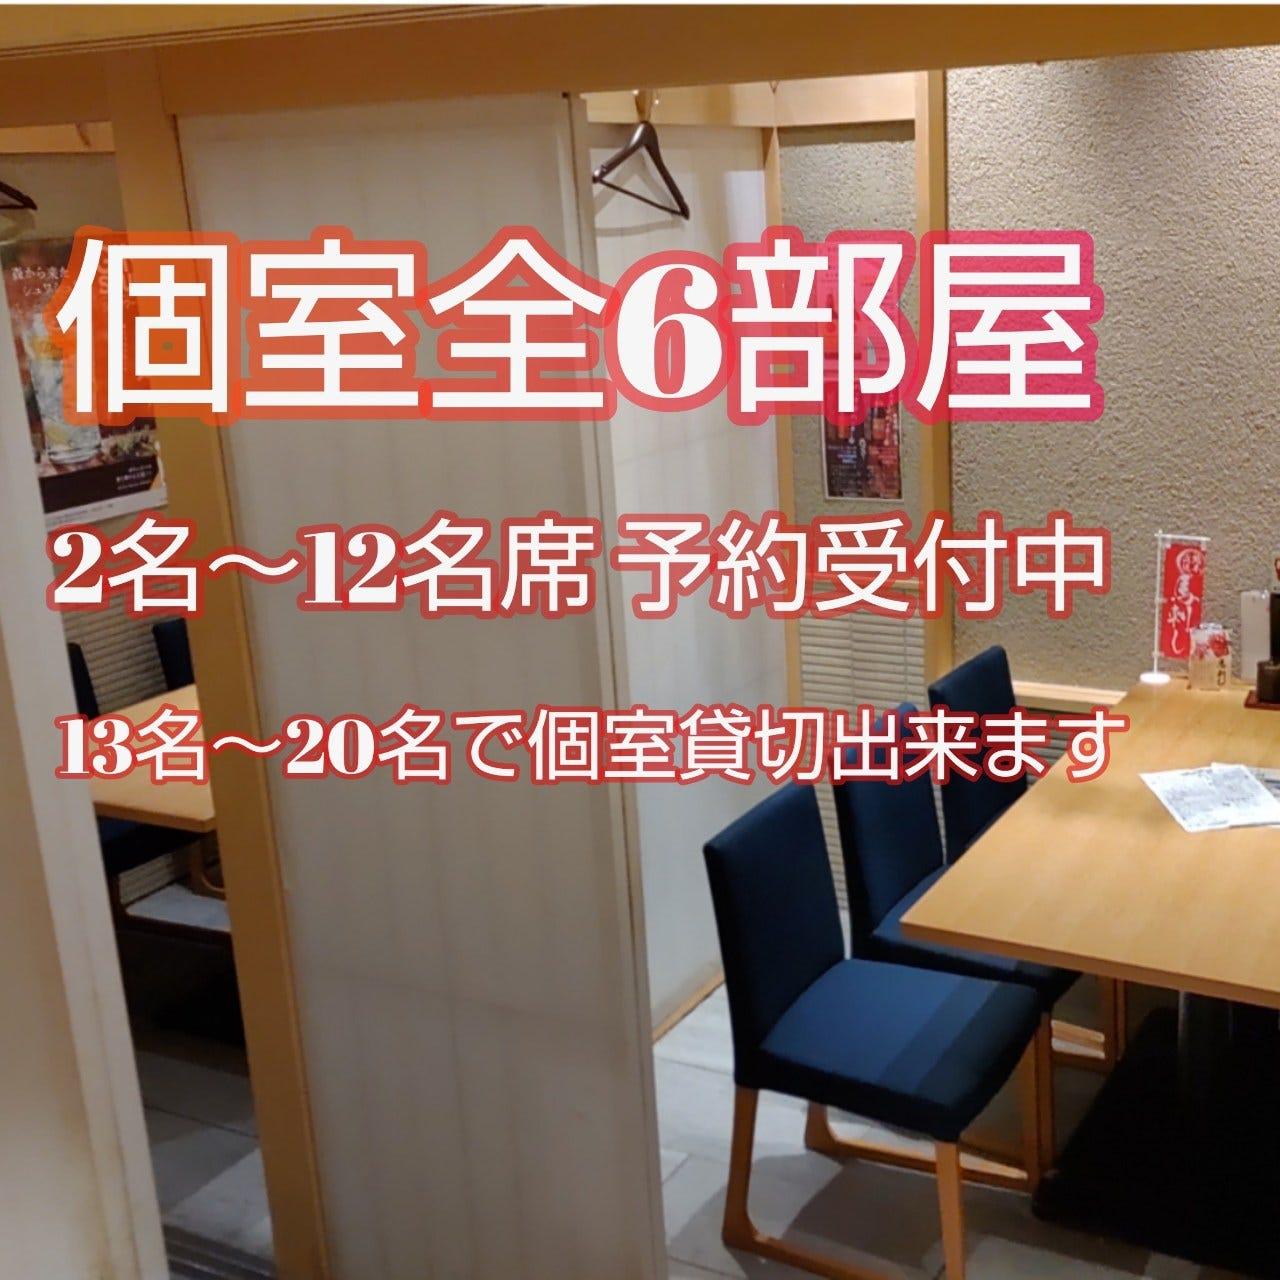 【個室完備】全6部屋